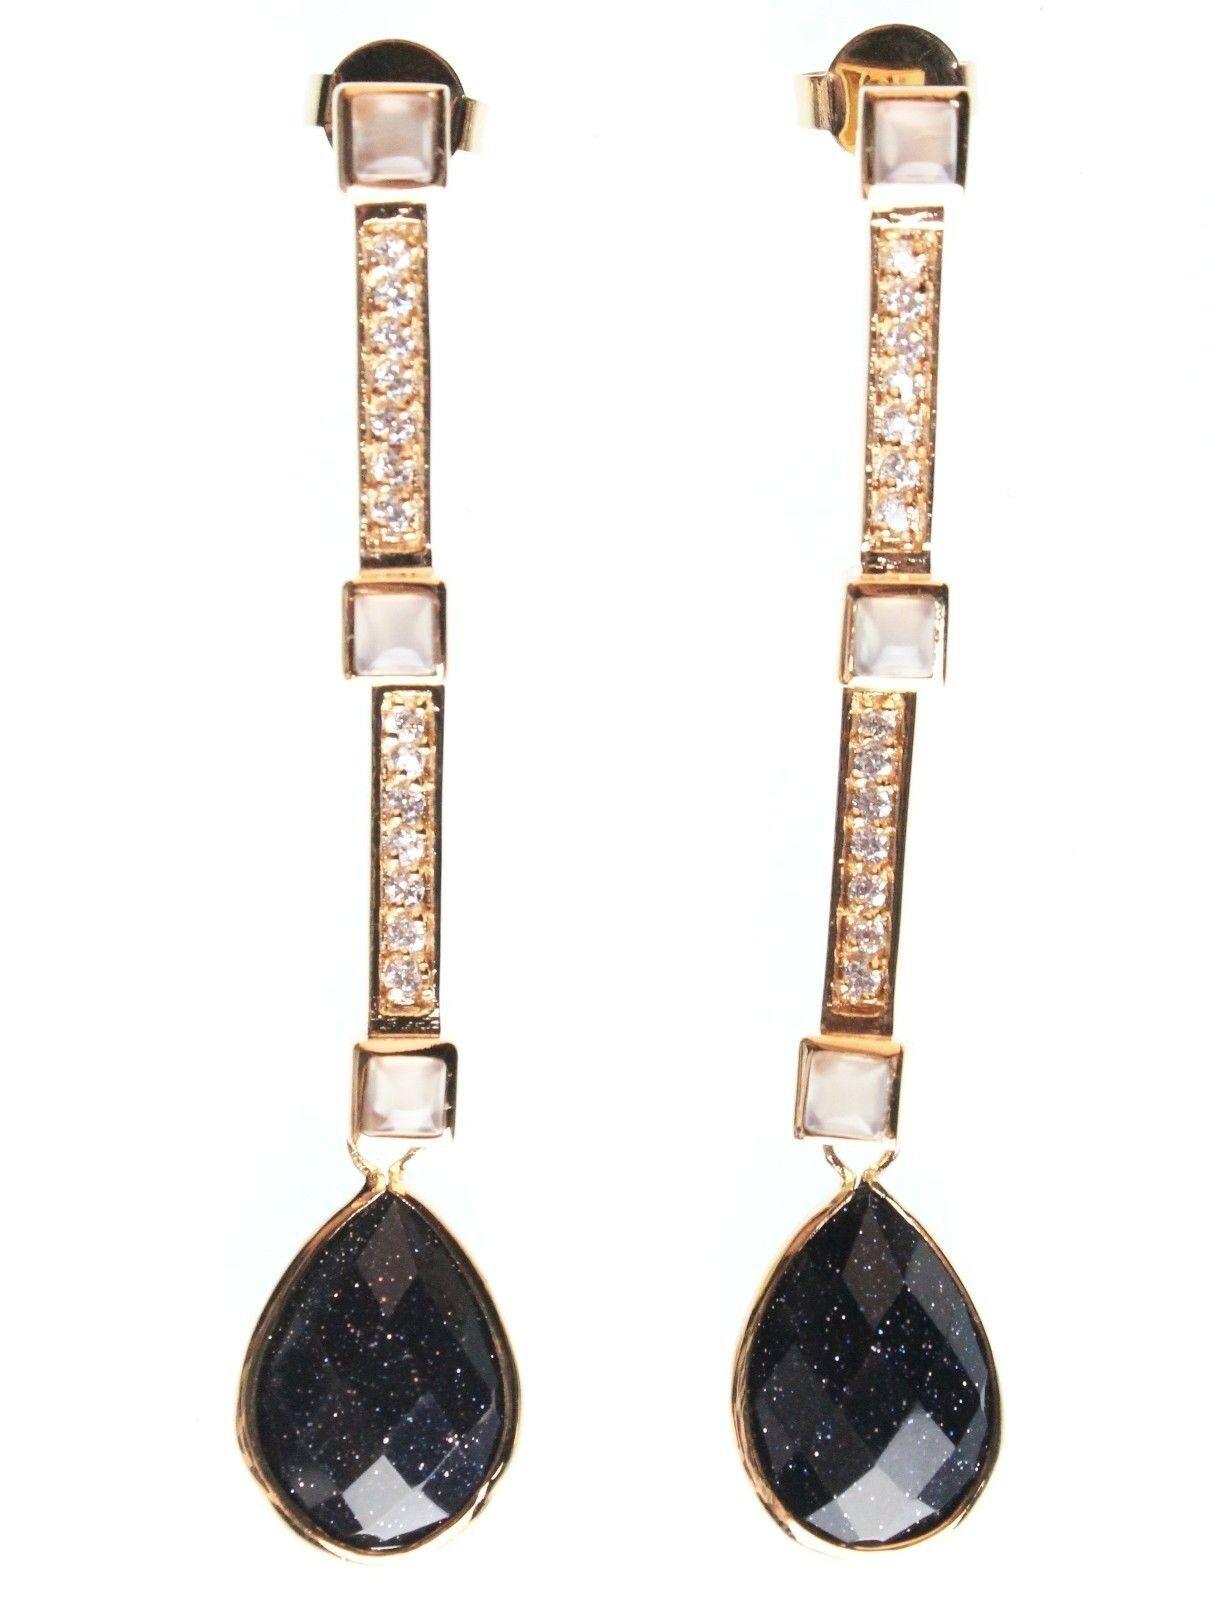 Daniela Swaebe 18K Gold-Plated CZ Crystal & Blue Goldstone Drop Linear Earrings